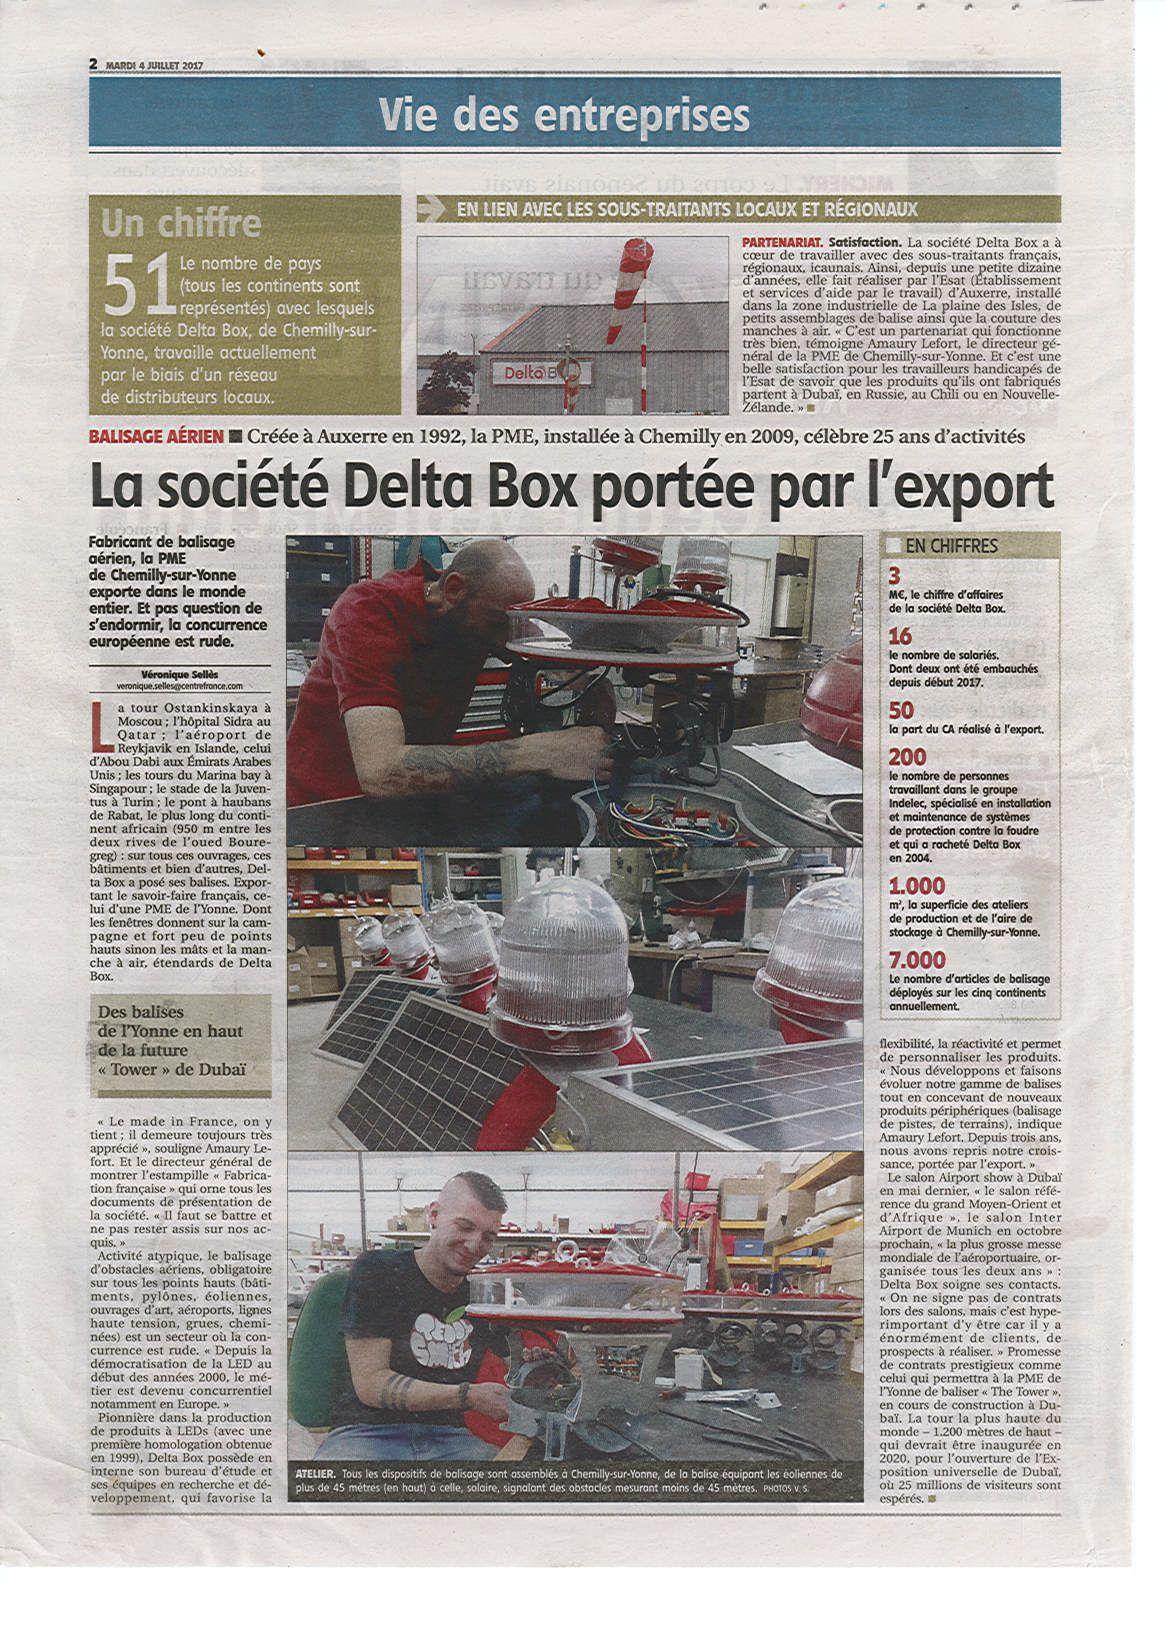 delta-box-actualite-2017-Yonne-Republicaine-Juillet